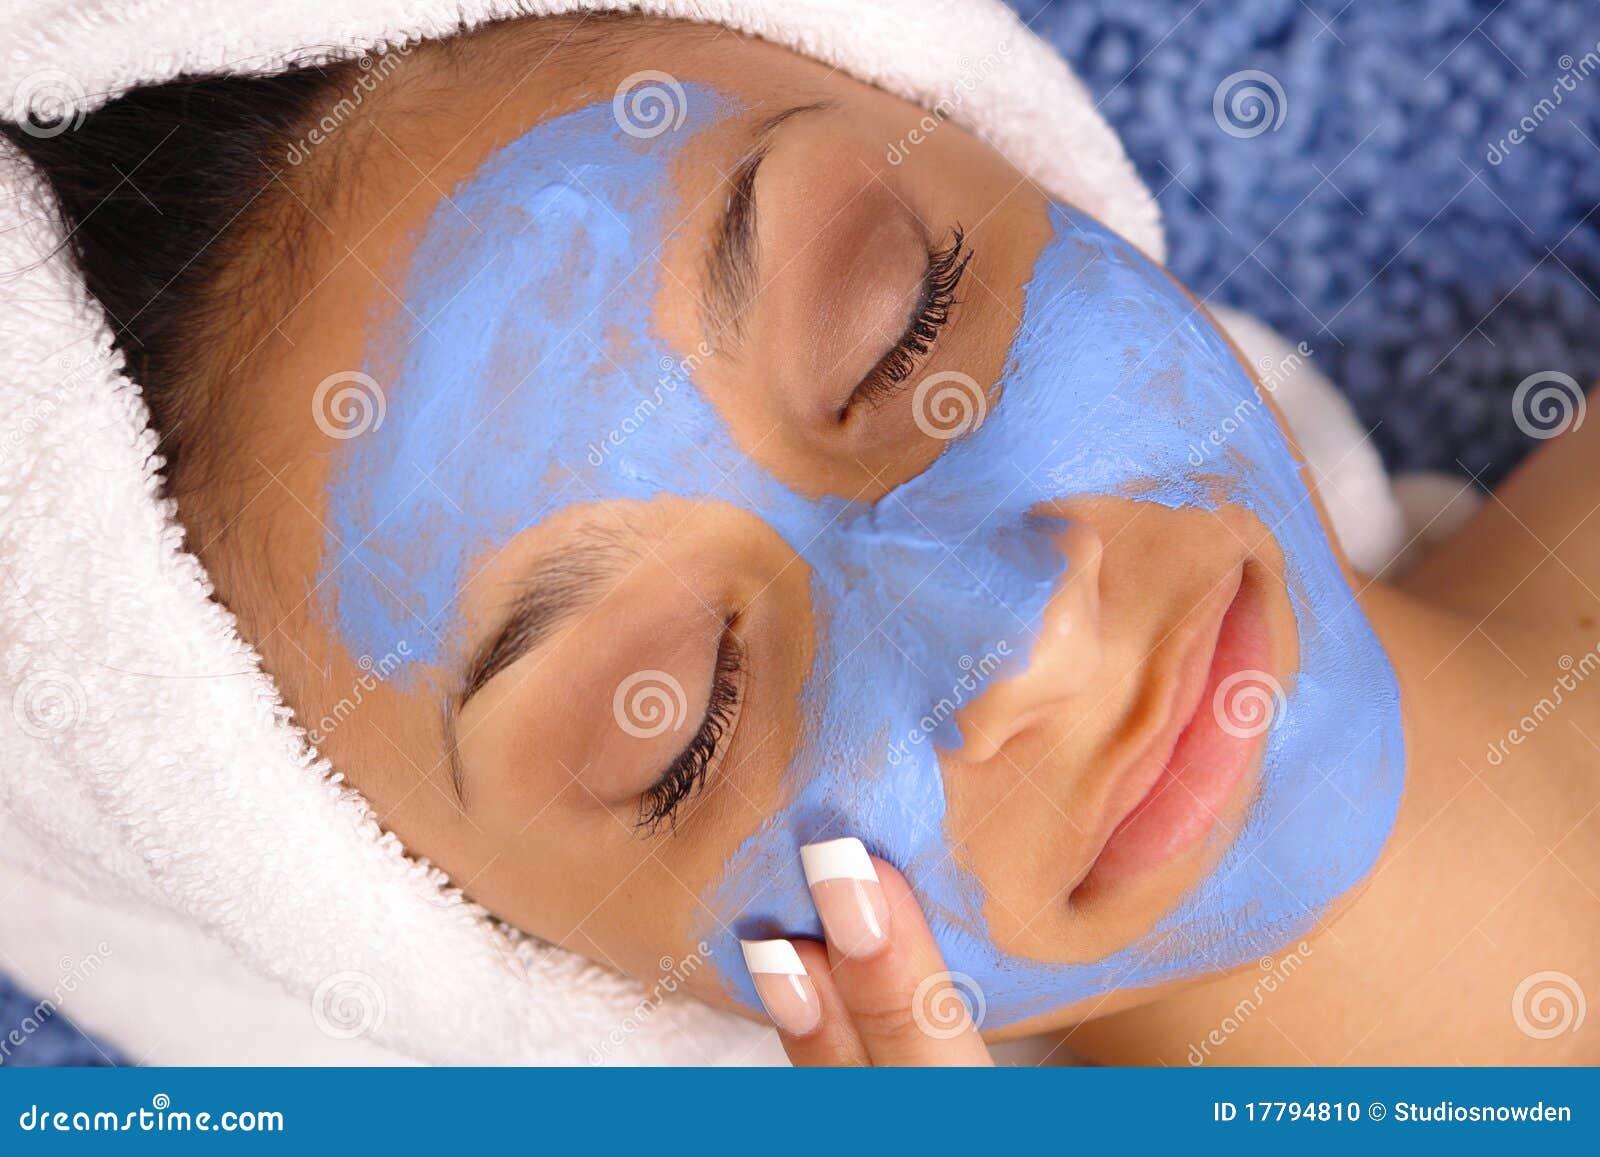 Blue gezichts spa